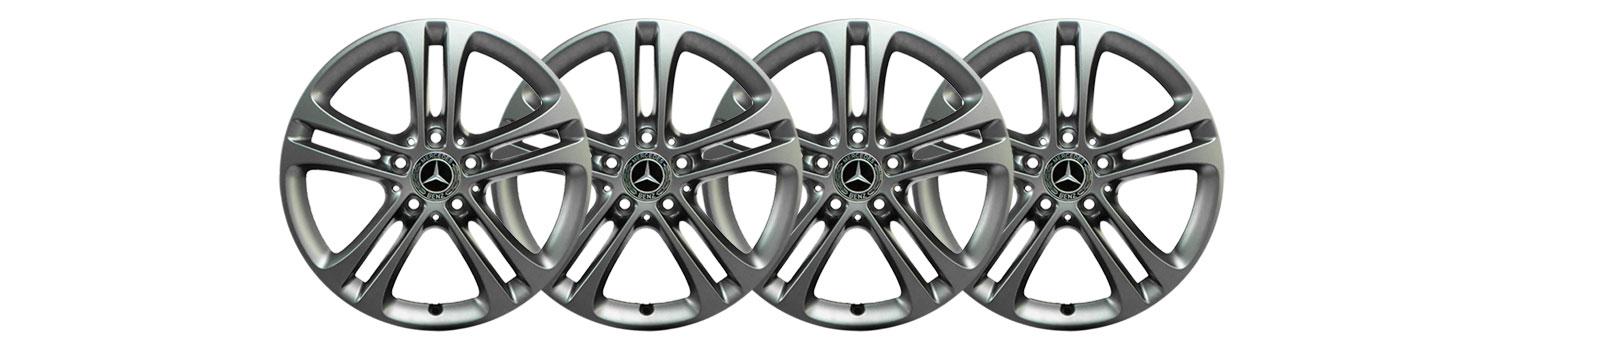 Mercedes CLA X118 C118 Felgen & Kompletträder mit Sommerreifen / Winterreifen   A1774010400